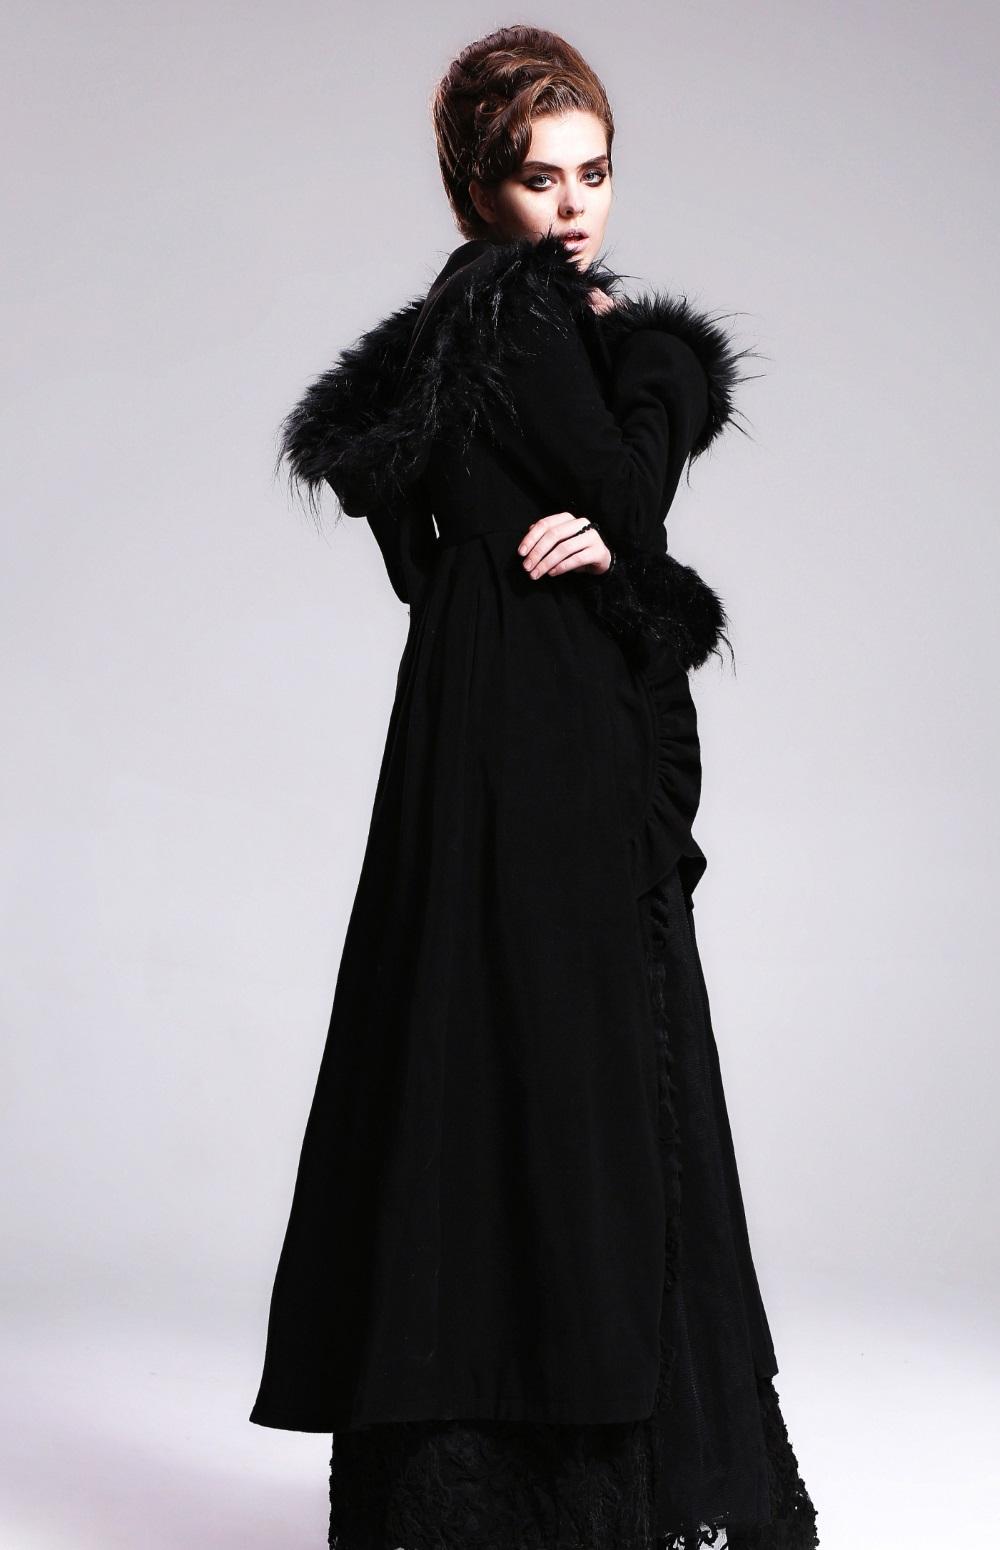 manteau femme long avec capuche. Black Bedroom Furniture Sets. Home Design Ideas